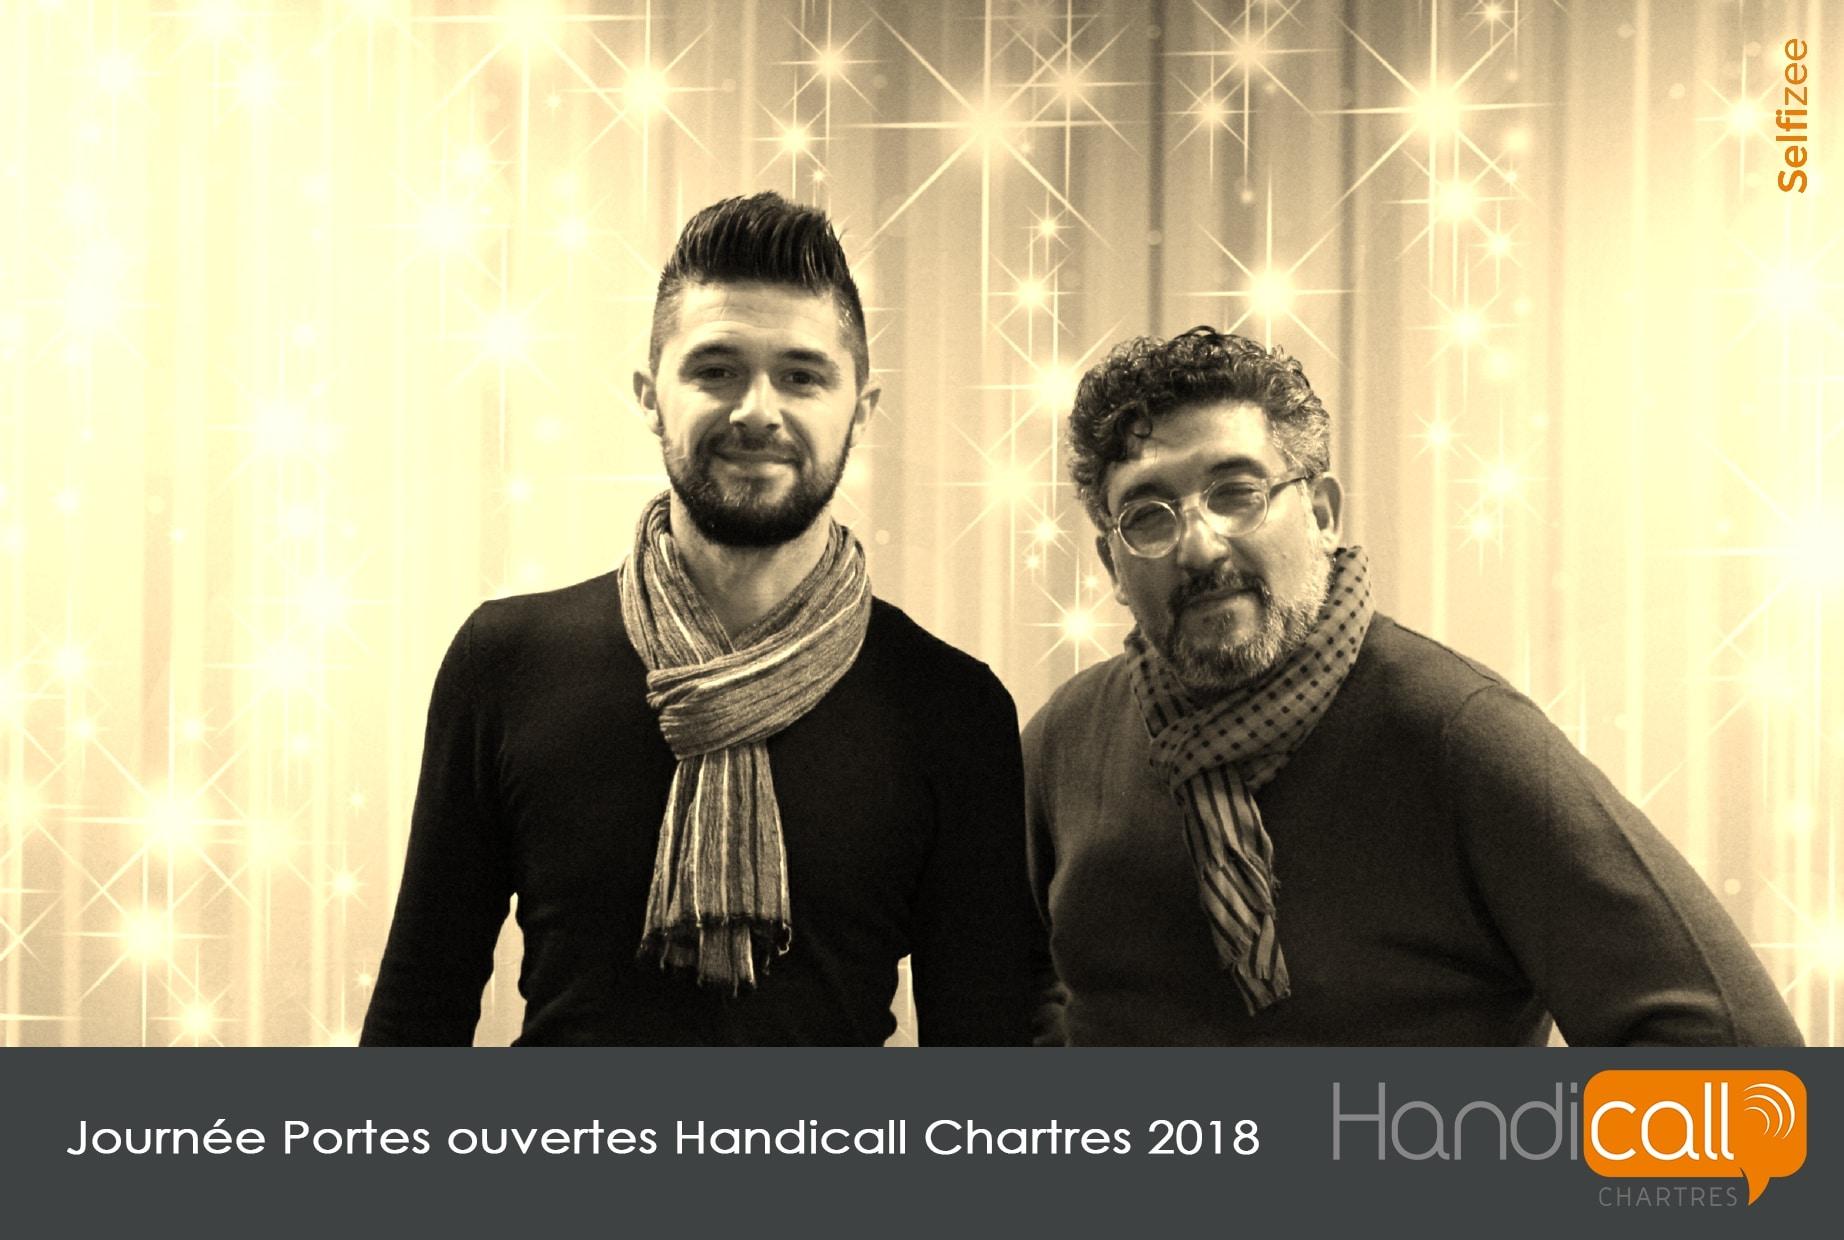 Animation photobooth aux journées portes ouvertes Handicall Chartres avec impressions photos pour les visiteurs